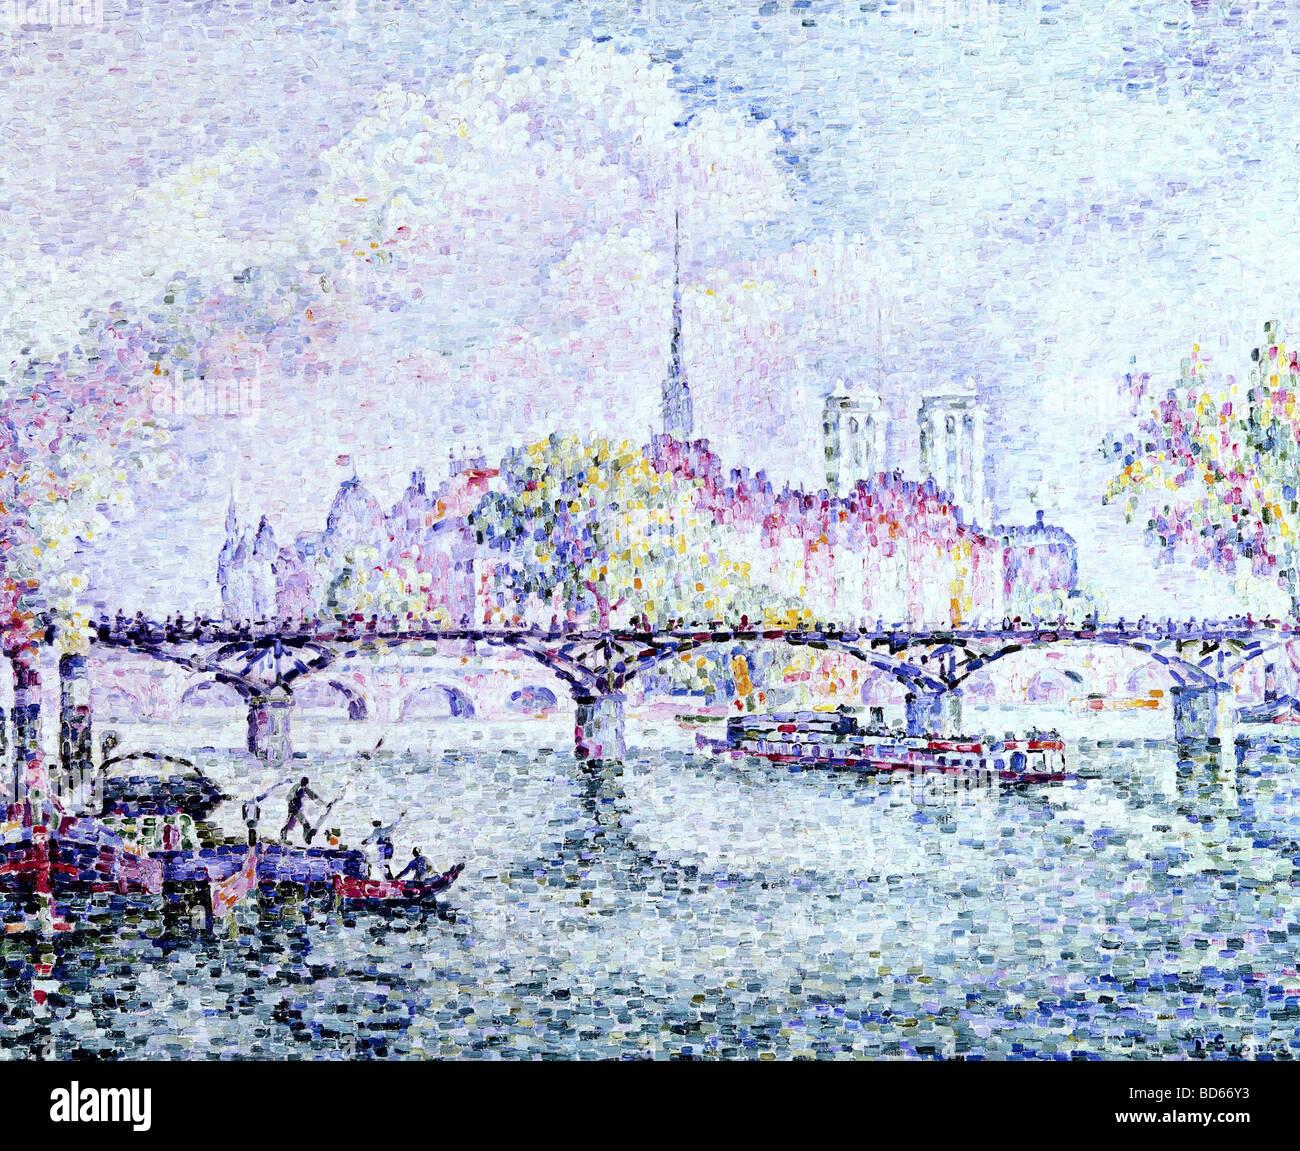 Beaux-arts, Signac, Paul, (1863 - 1935), peinture, 'Paris, Ile de la Cite', 1912, huile sur toile, Musée Photo Stock